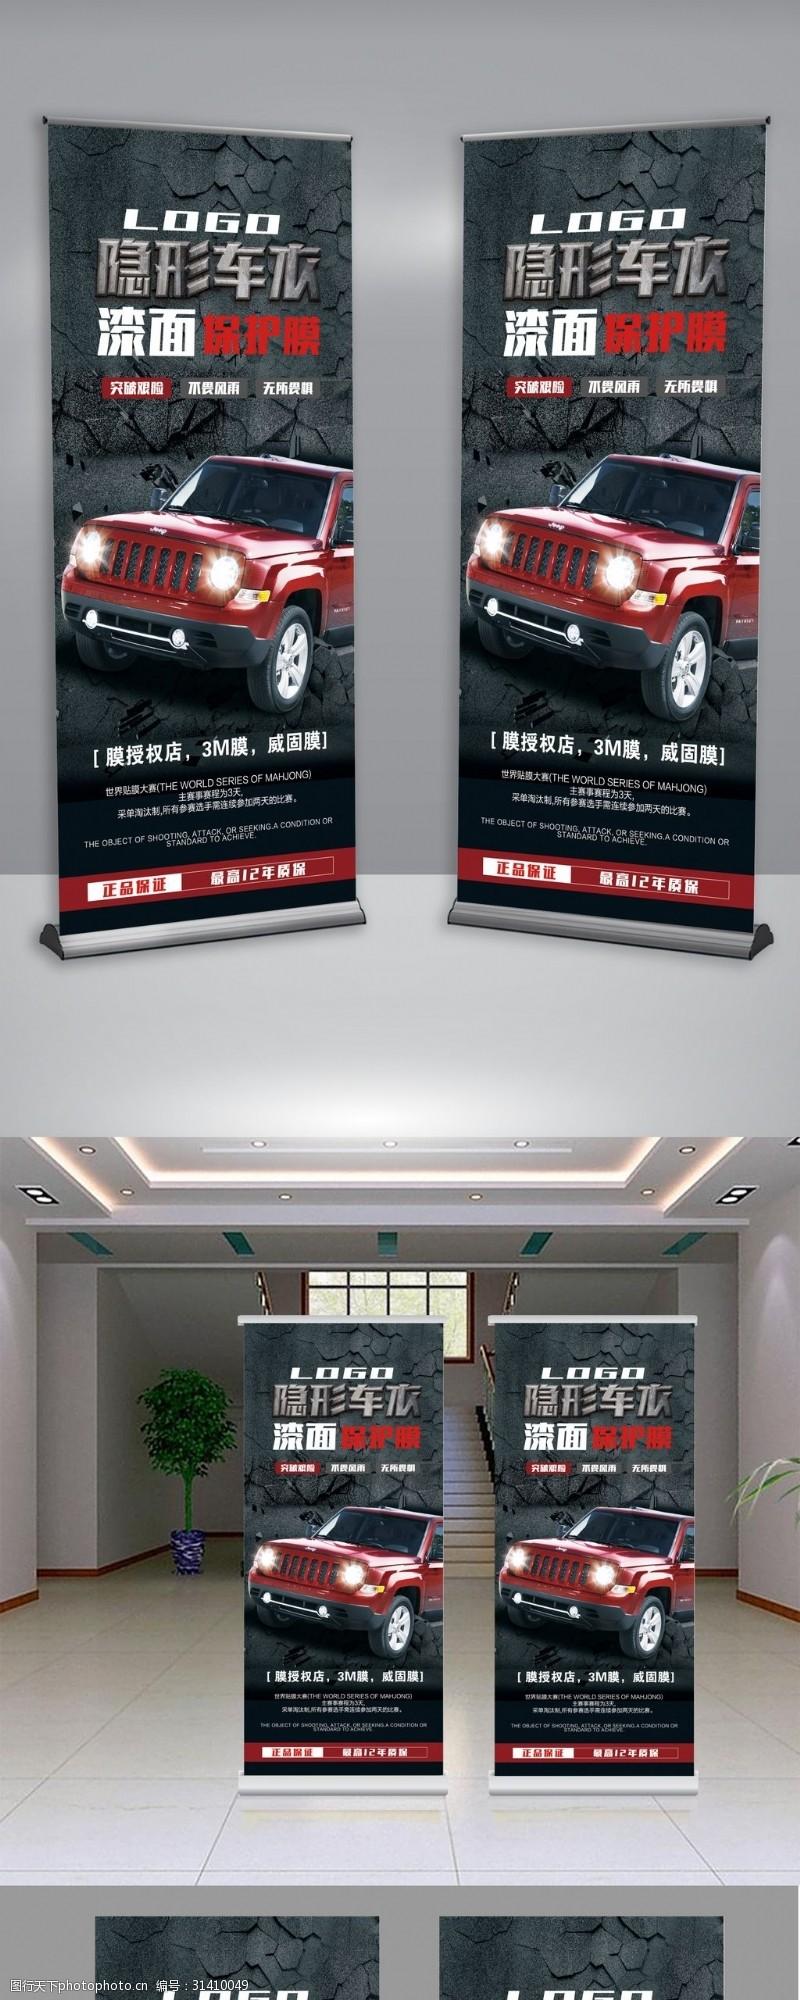 衣车黑色大气汽车贴膜隐形车衣x展架宣传易拉宝